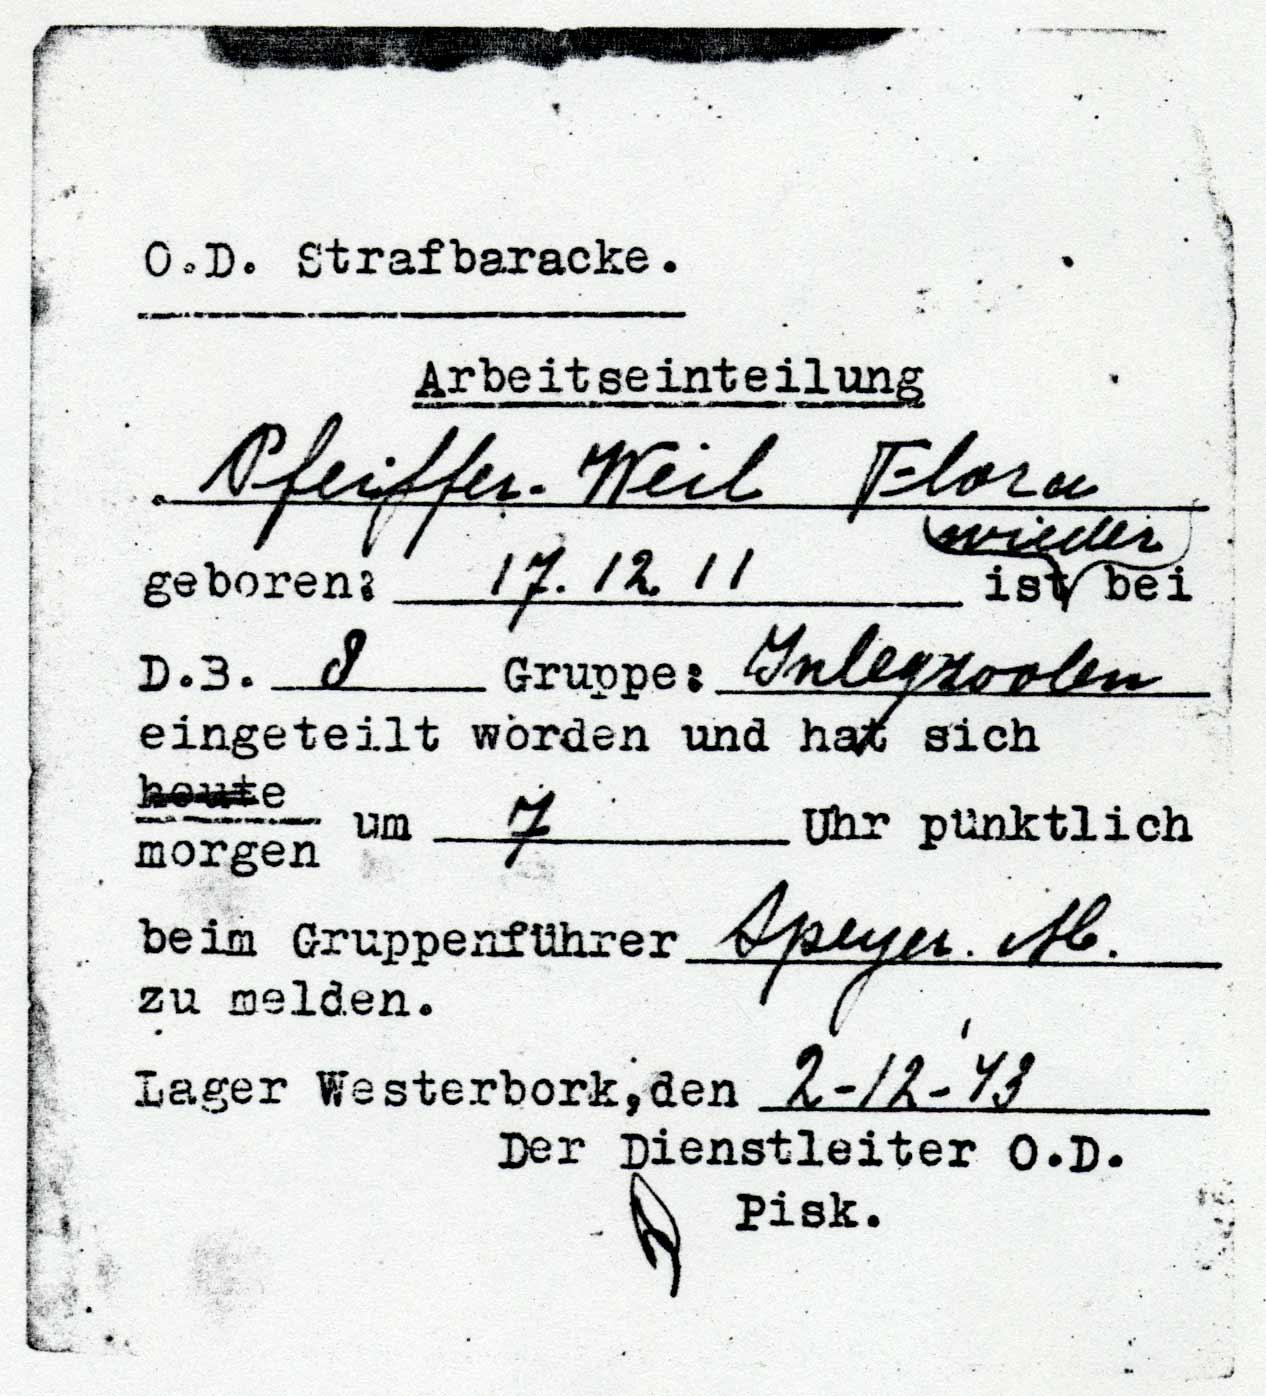 Permis de travail dans les blocs punitifs de Westerbork pour Flora Pfeiffer; daté du 2 décembre 1943. Source: MHM